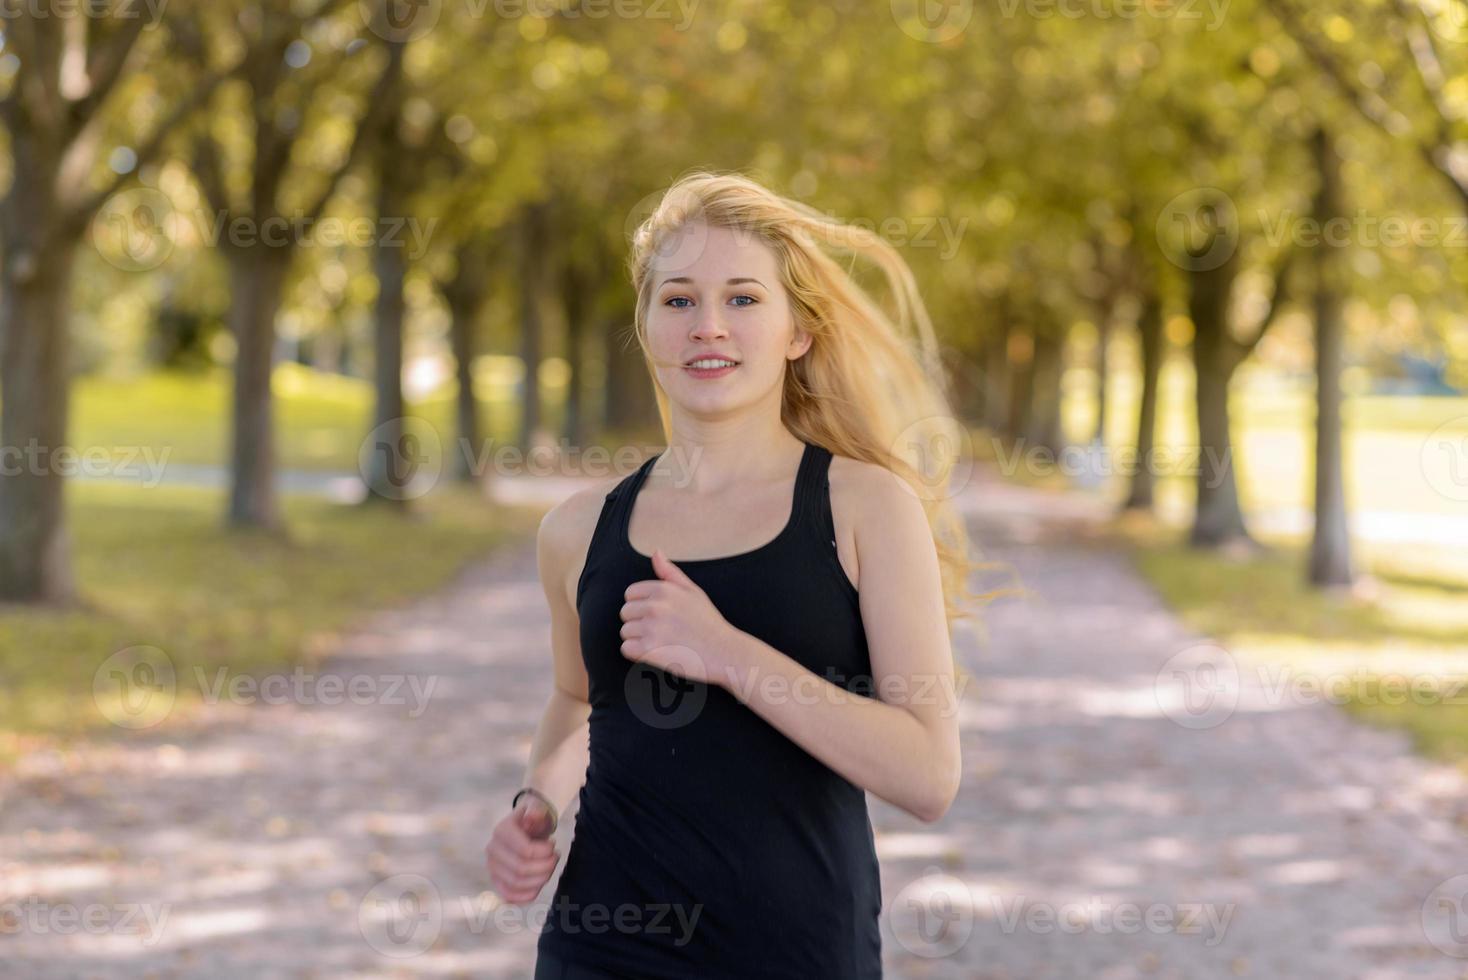 joven mujer rubia corriendo en un camino con grandes árboles foto